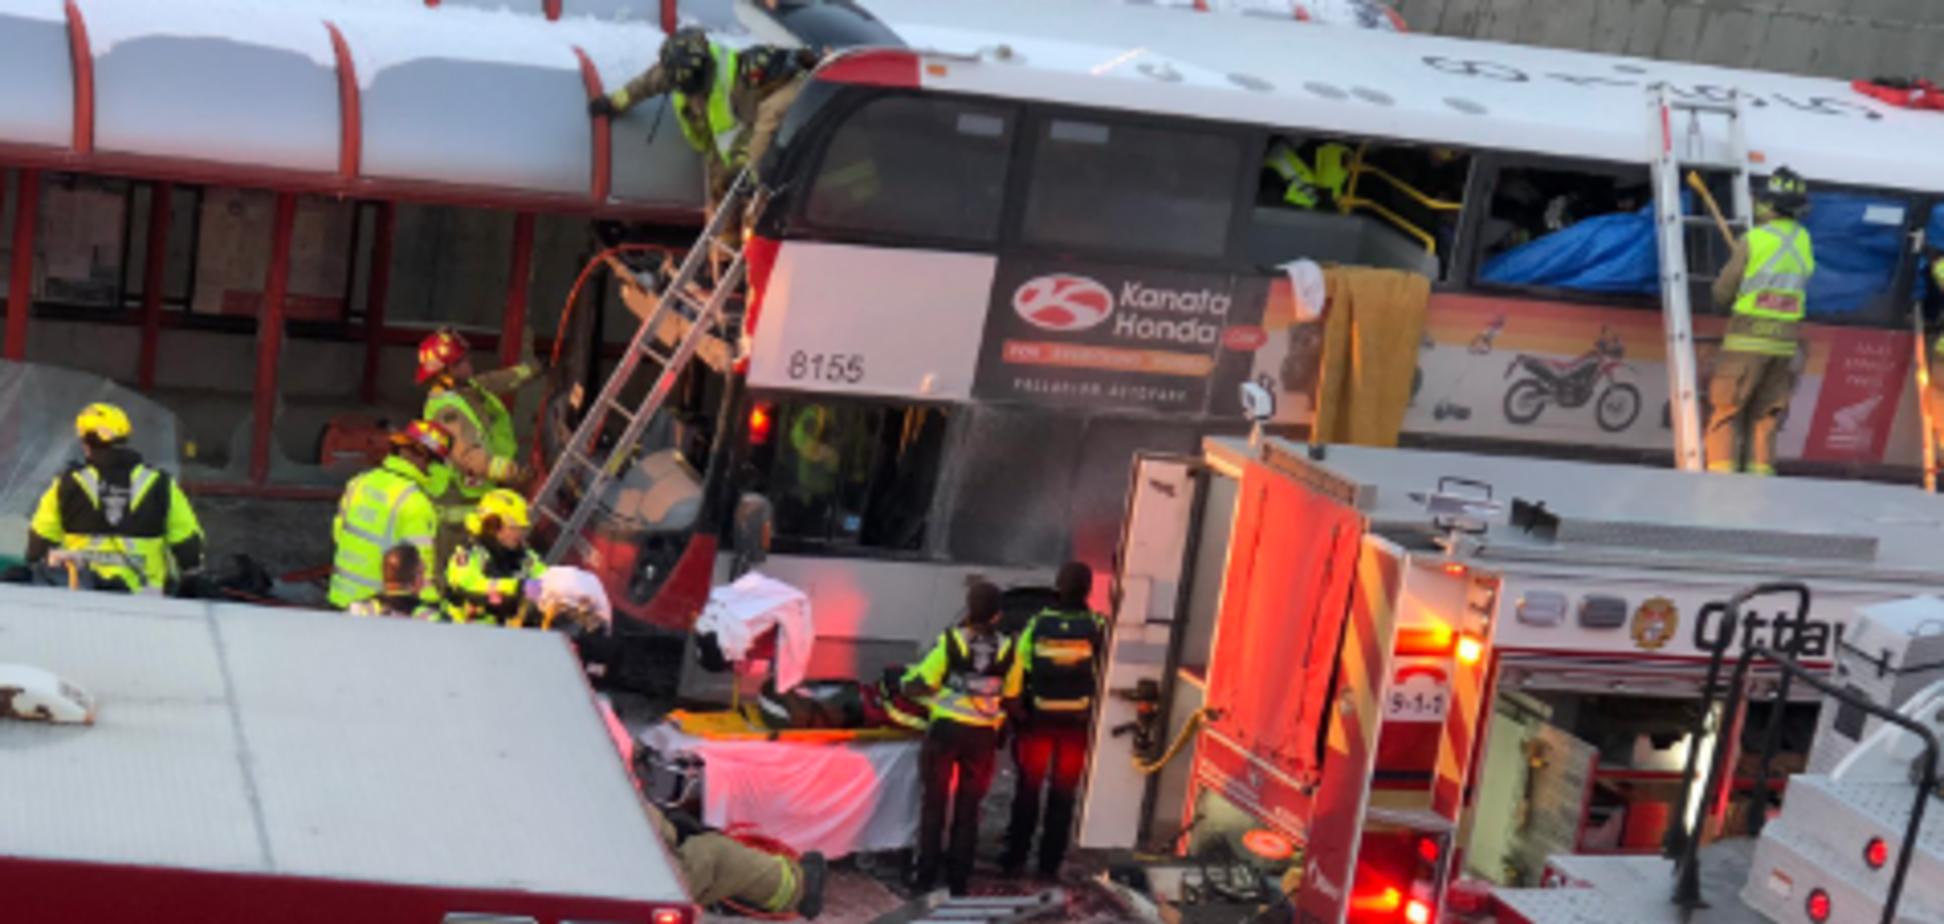 Люди вылетали из окон: в Канаде двухэтажный автобус протаранил остановку, есть жертвы